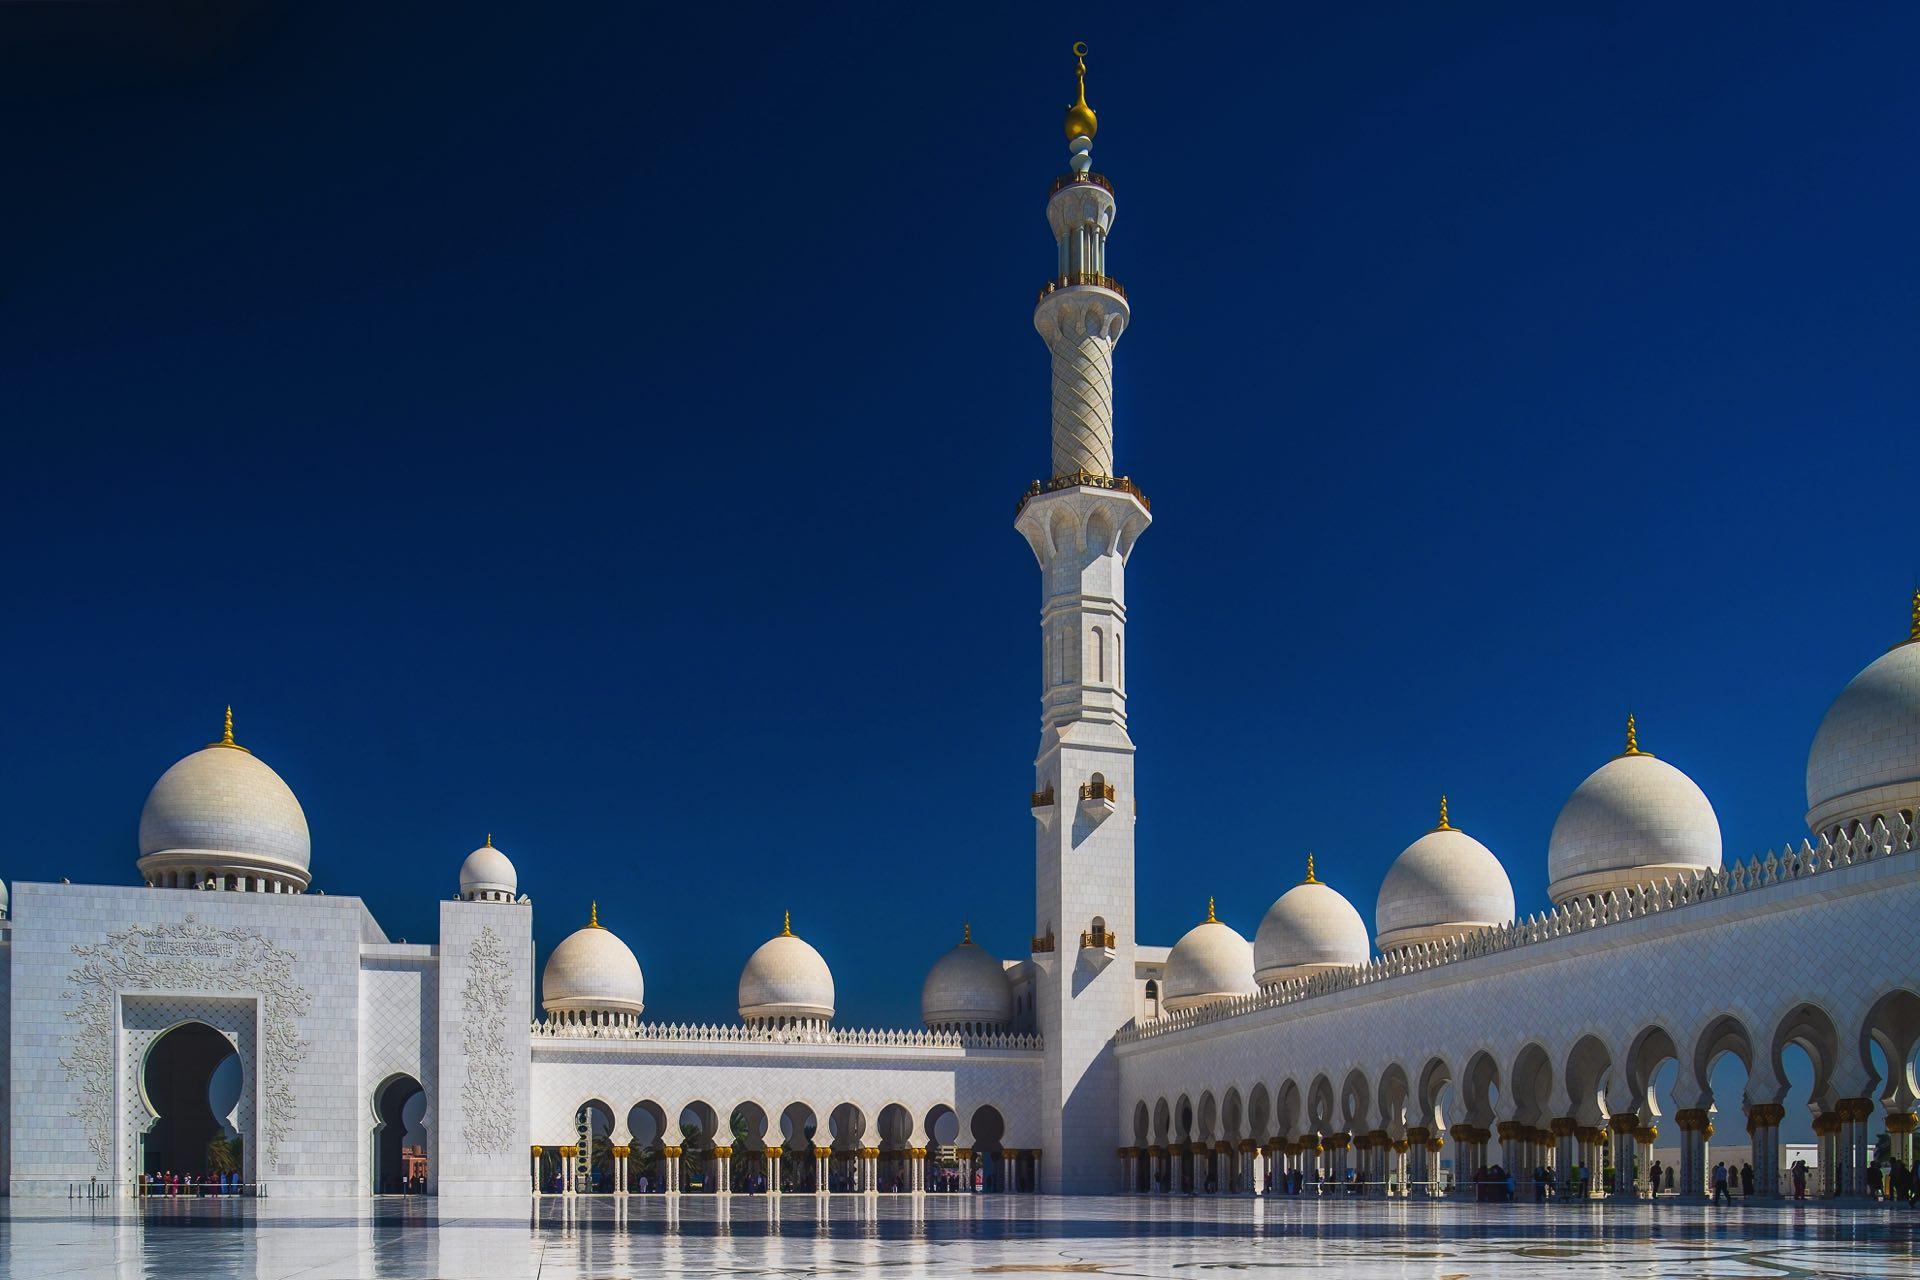 Capodanno ad ABU DHABI | Abu Dhabi, Emirati Arabi Uniti ...